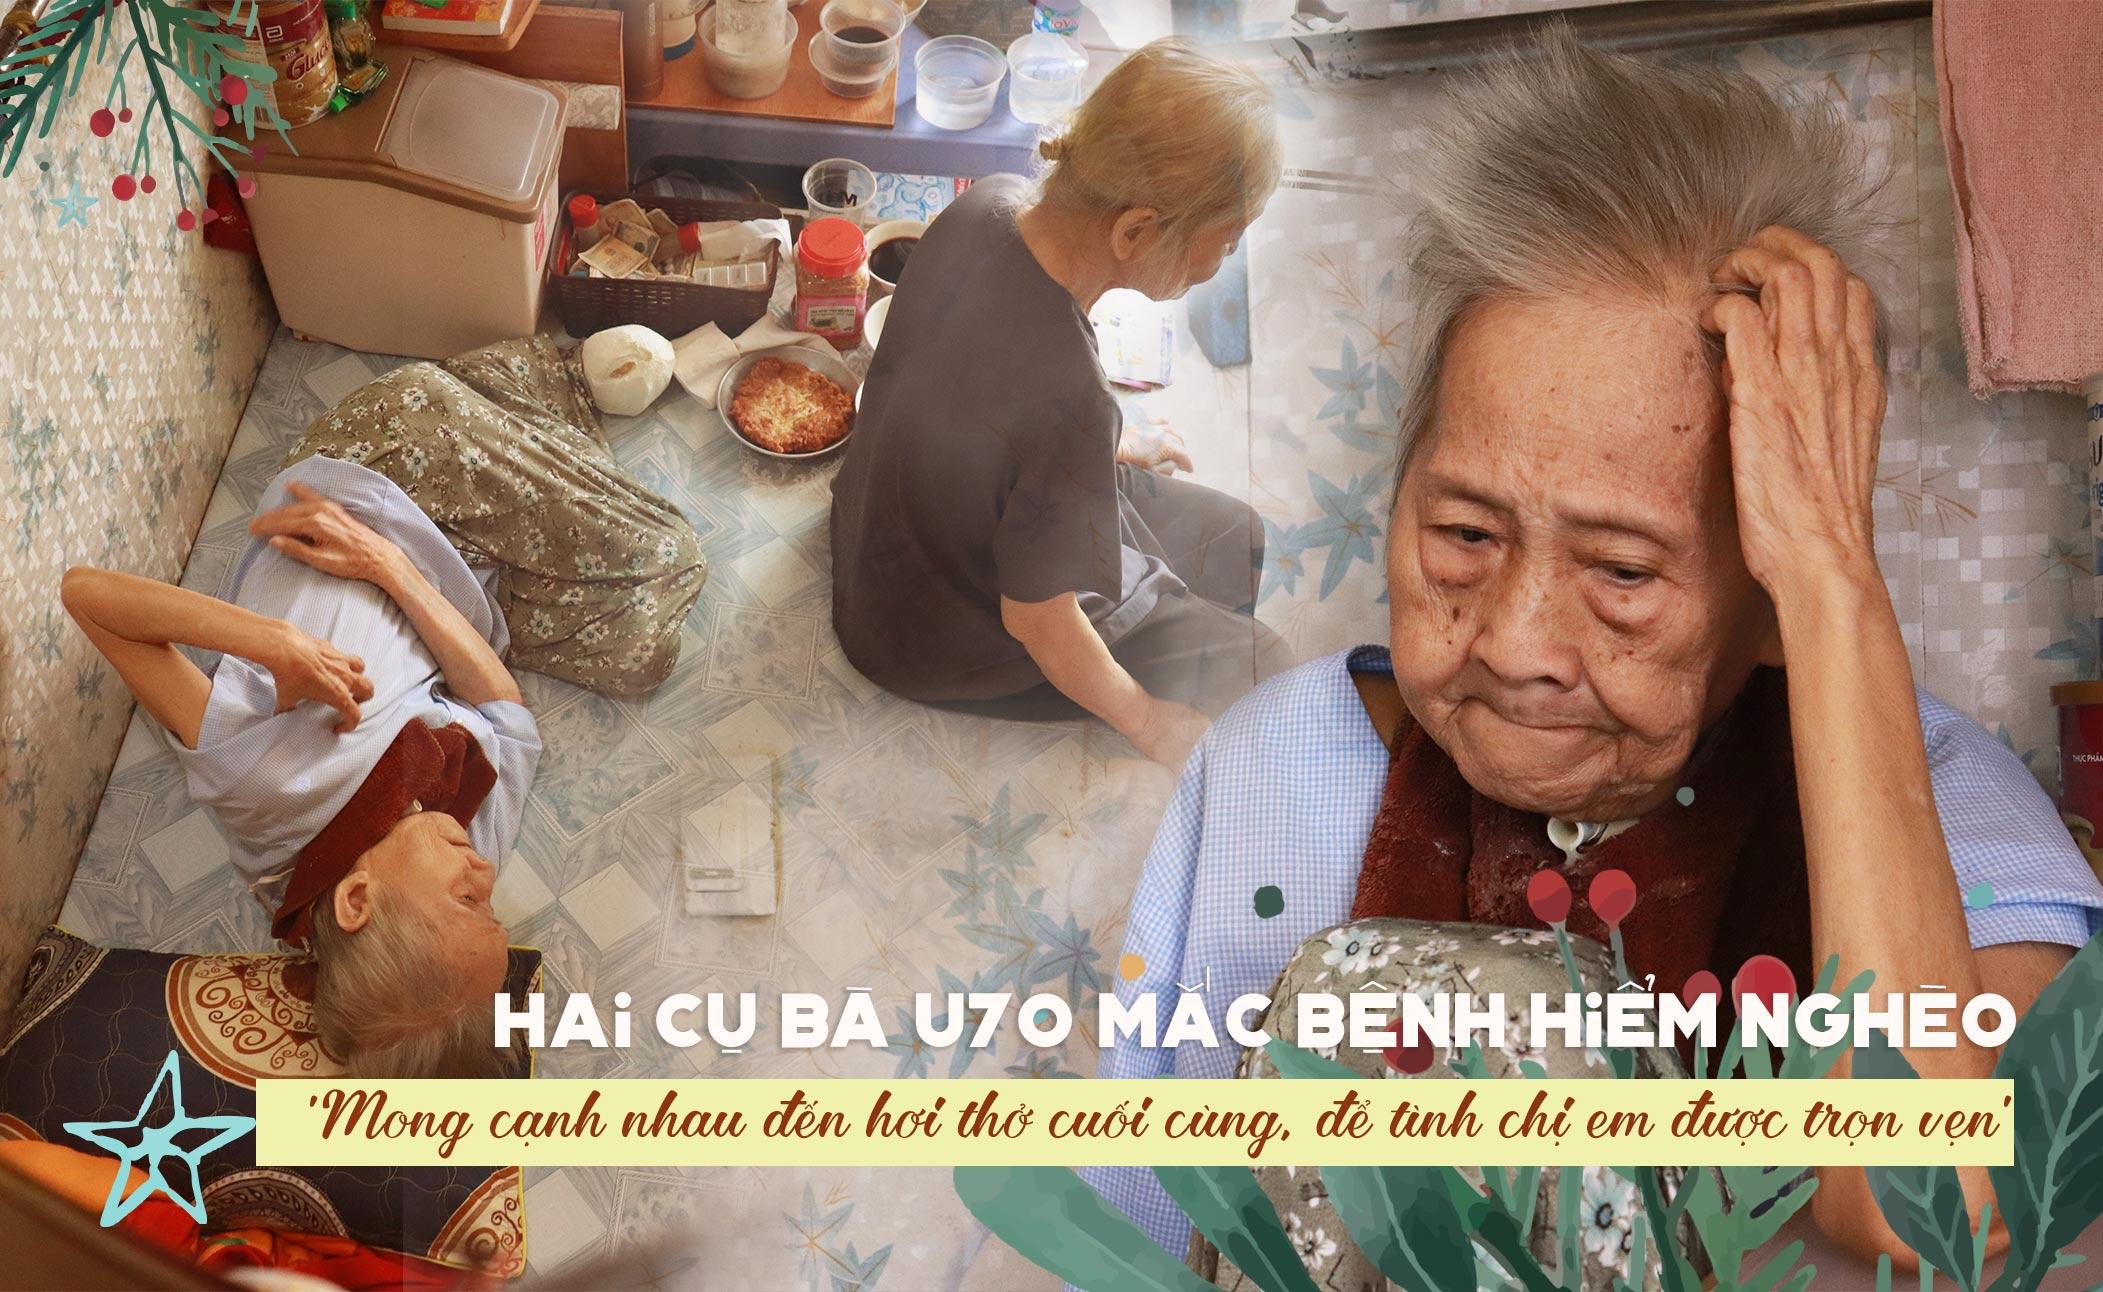 Hai cụ bà U70 mắc bệnh hiểm nghèo: 'Mong cạnh nhau đến hơi thở cuối cùng, để tình chị em được trọn vẹn'